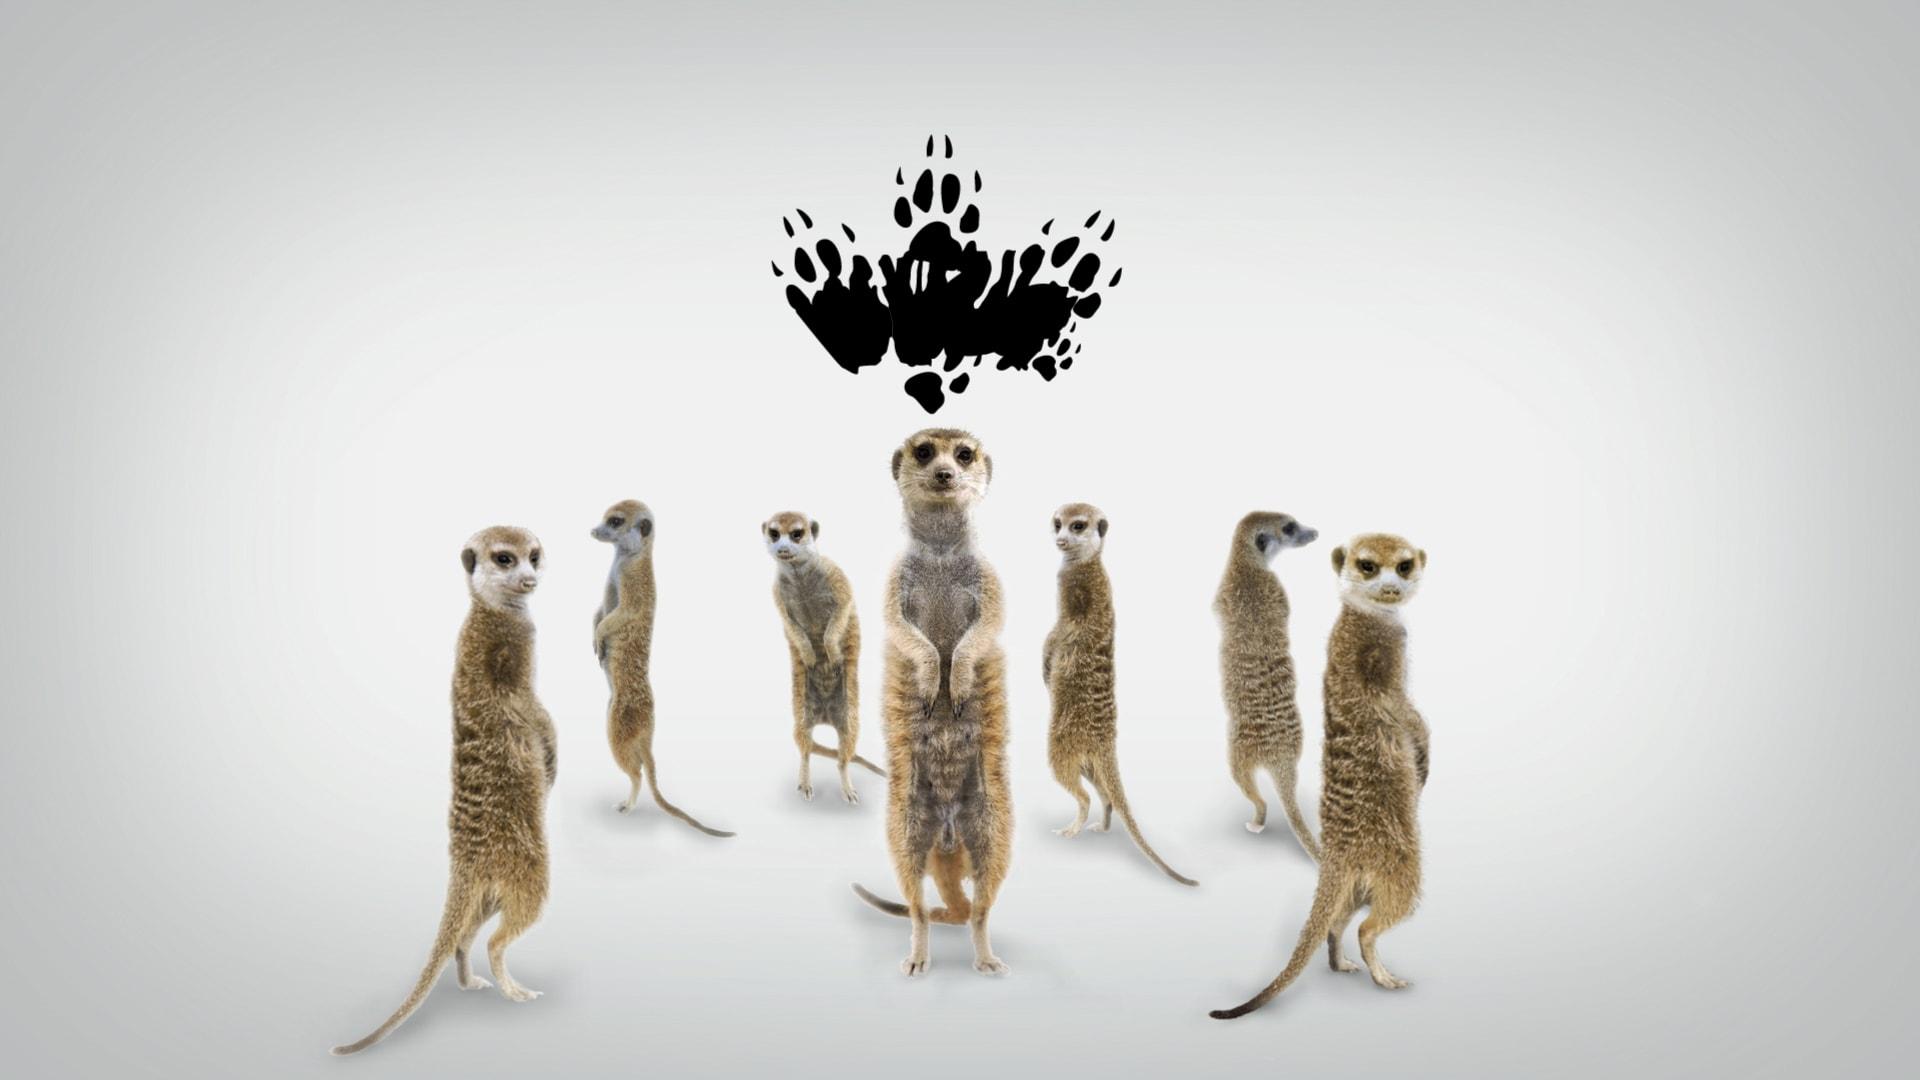 Meerkat High